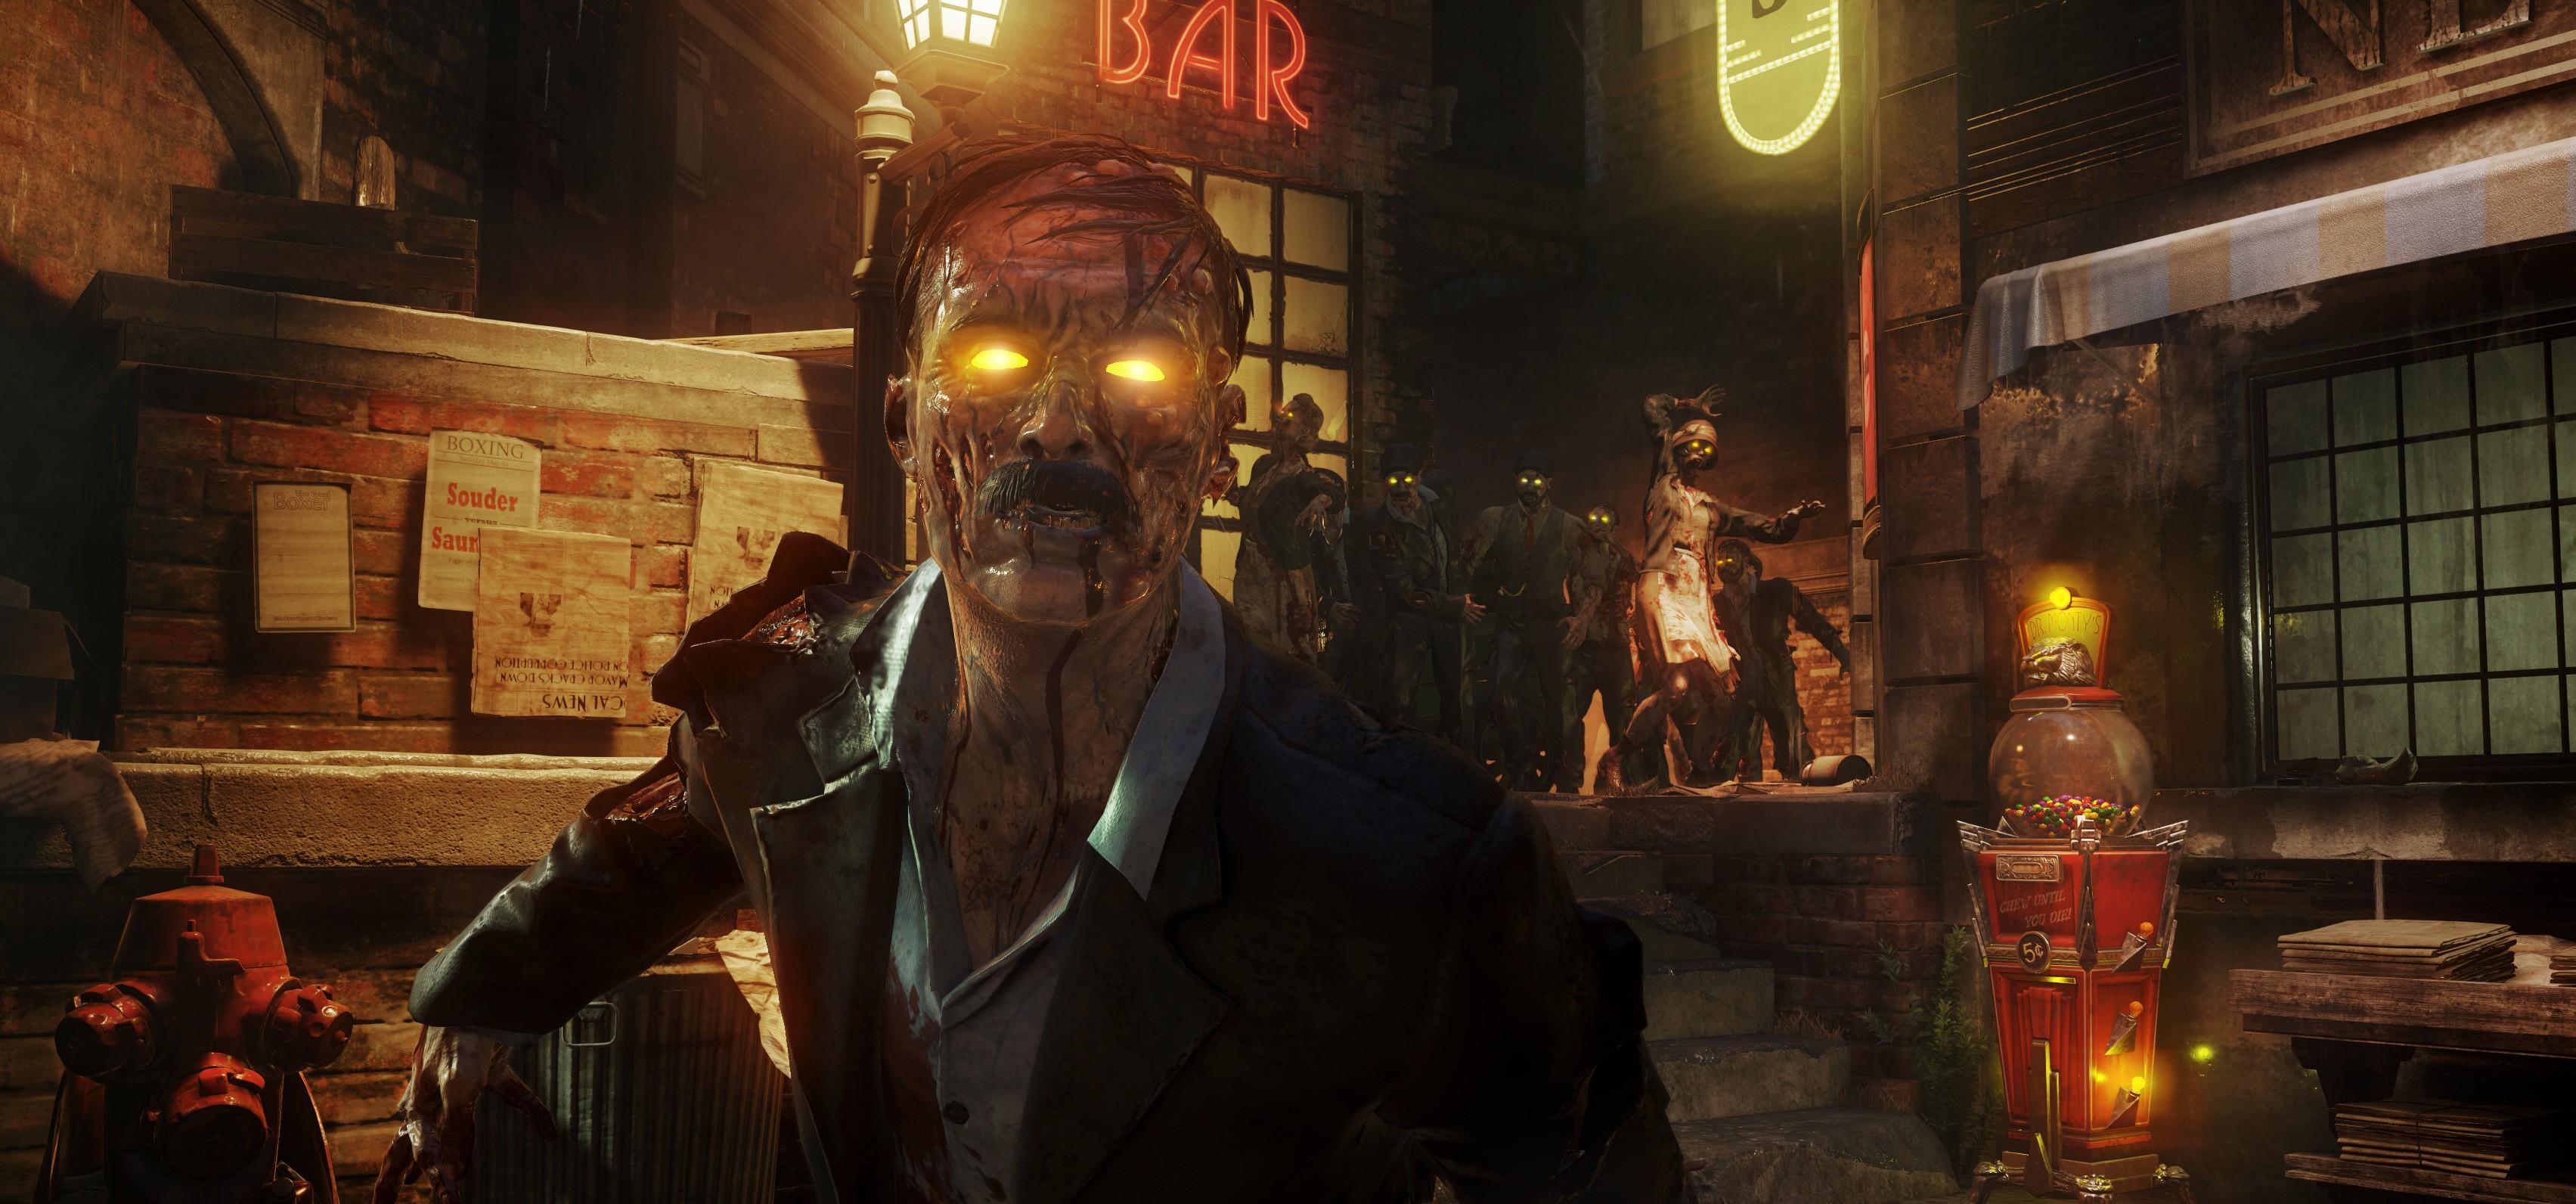 Call of Duty: Black Ops 3 – testujemy zupełnie nowy tryb Zombies. Lovecraft byłby dumny